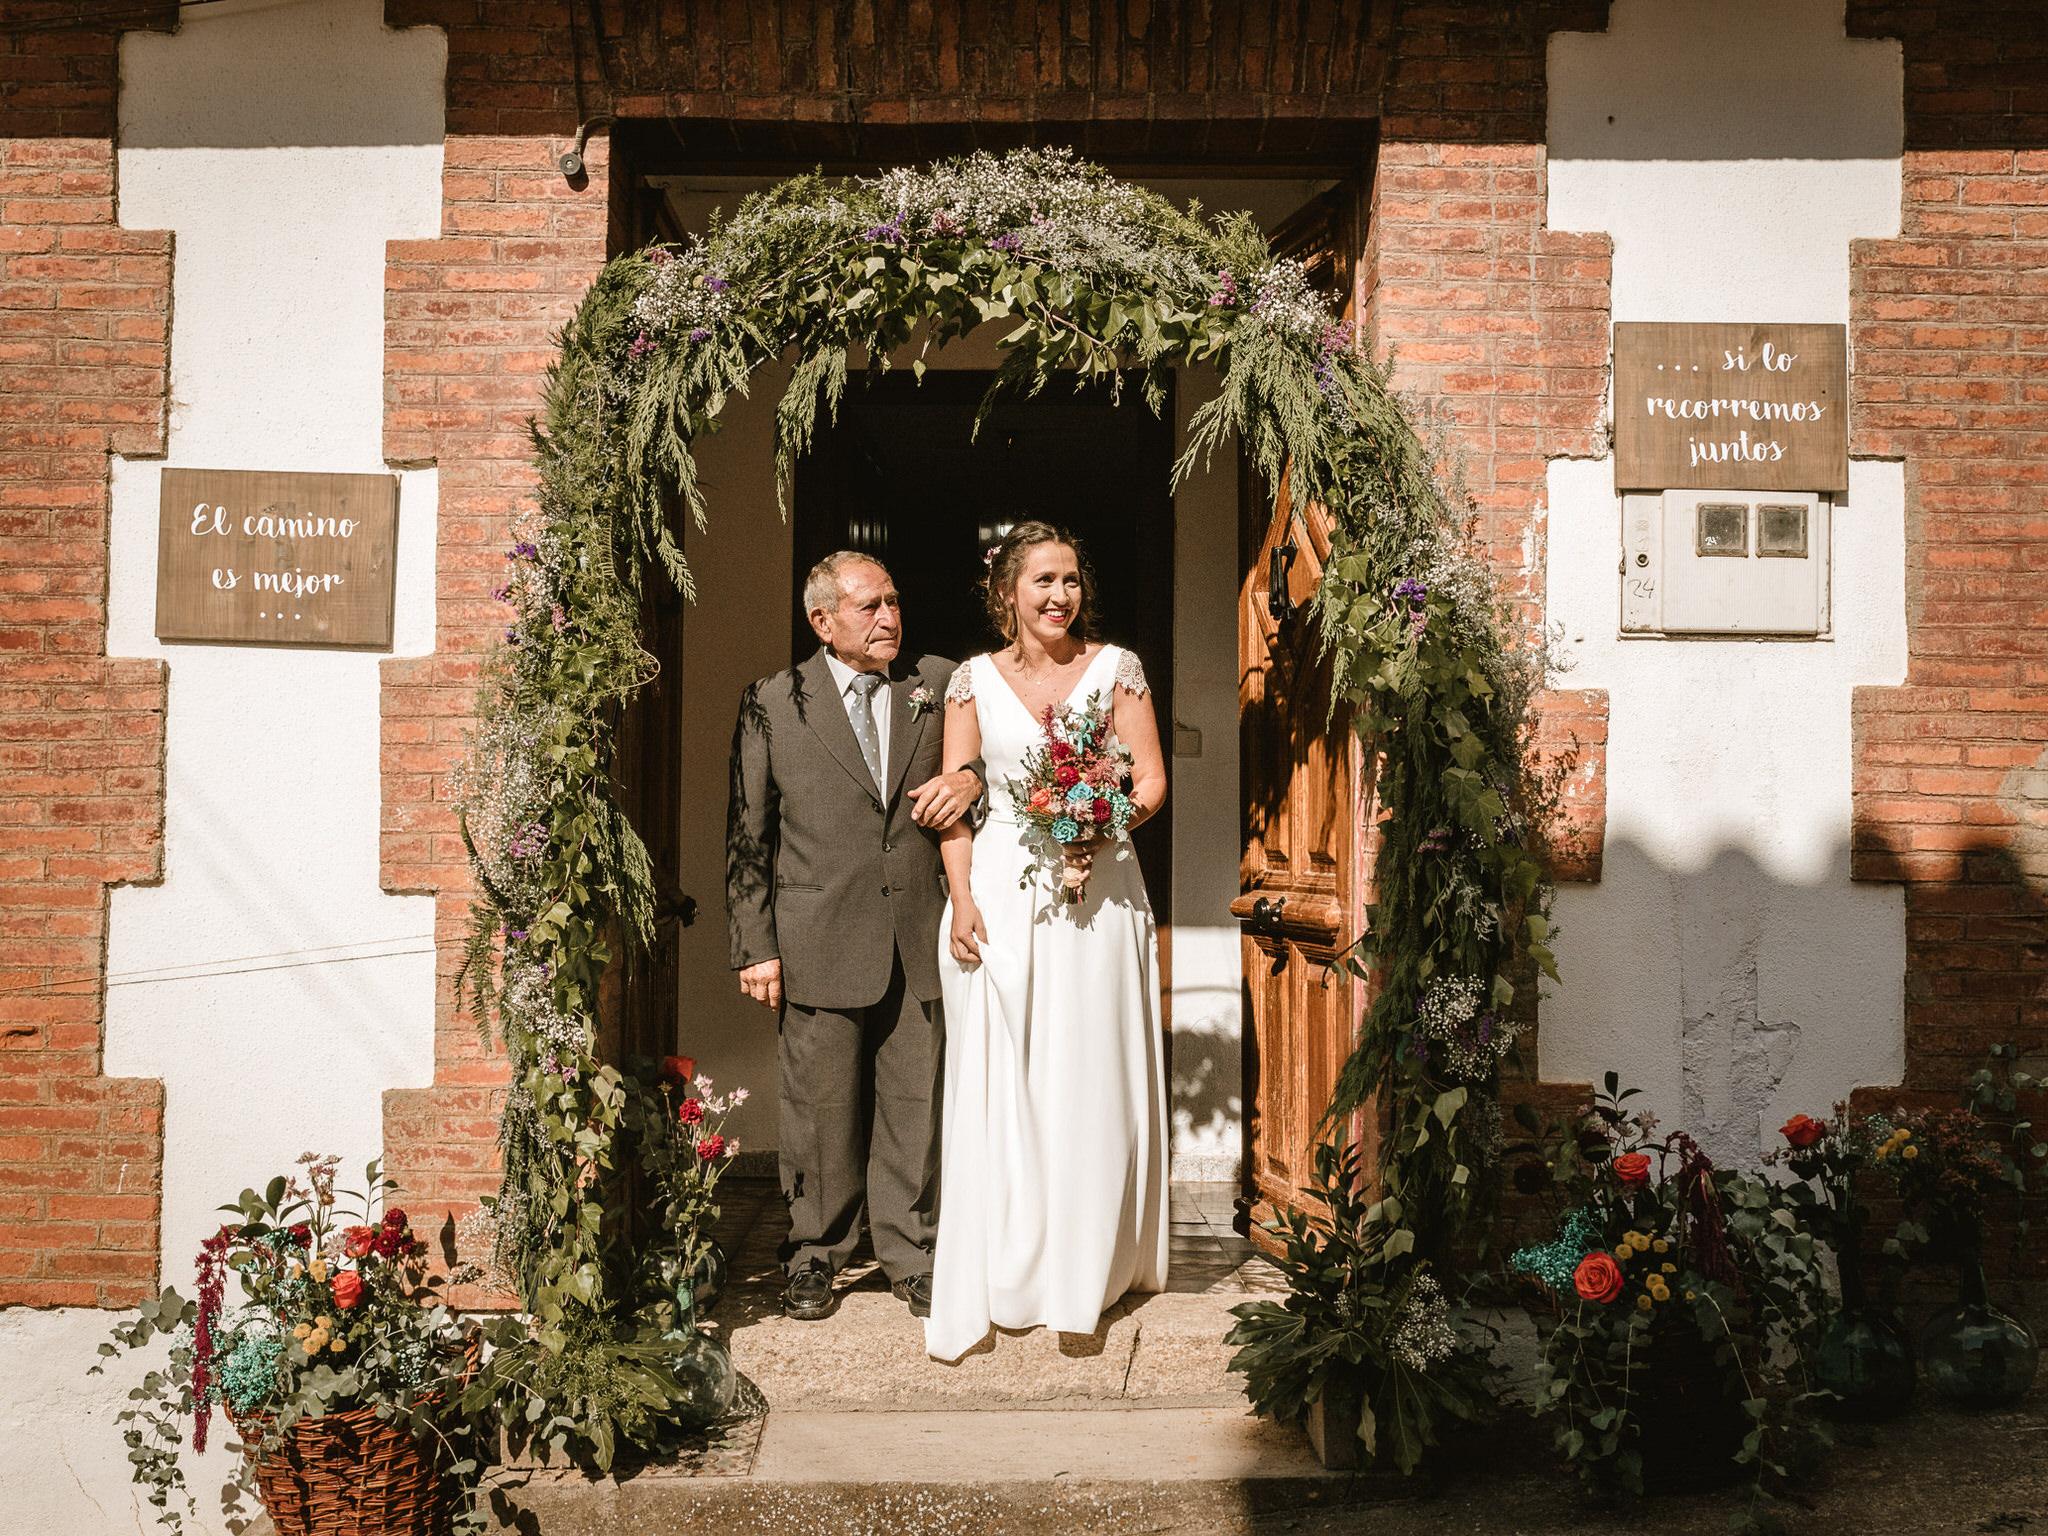 boda-romantica